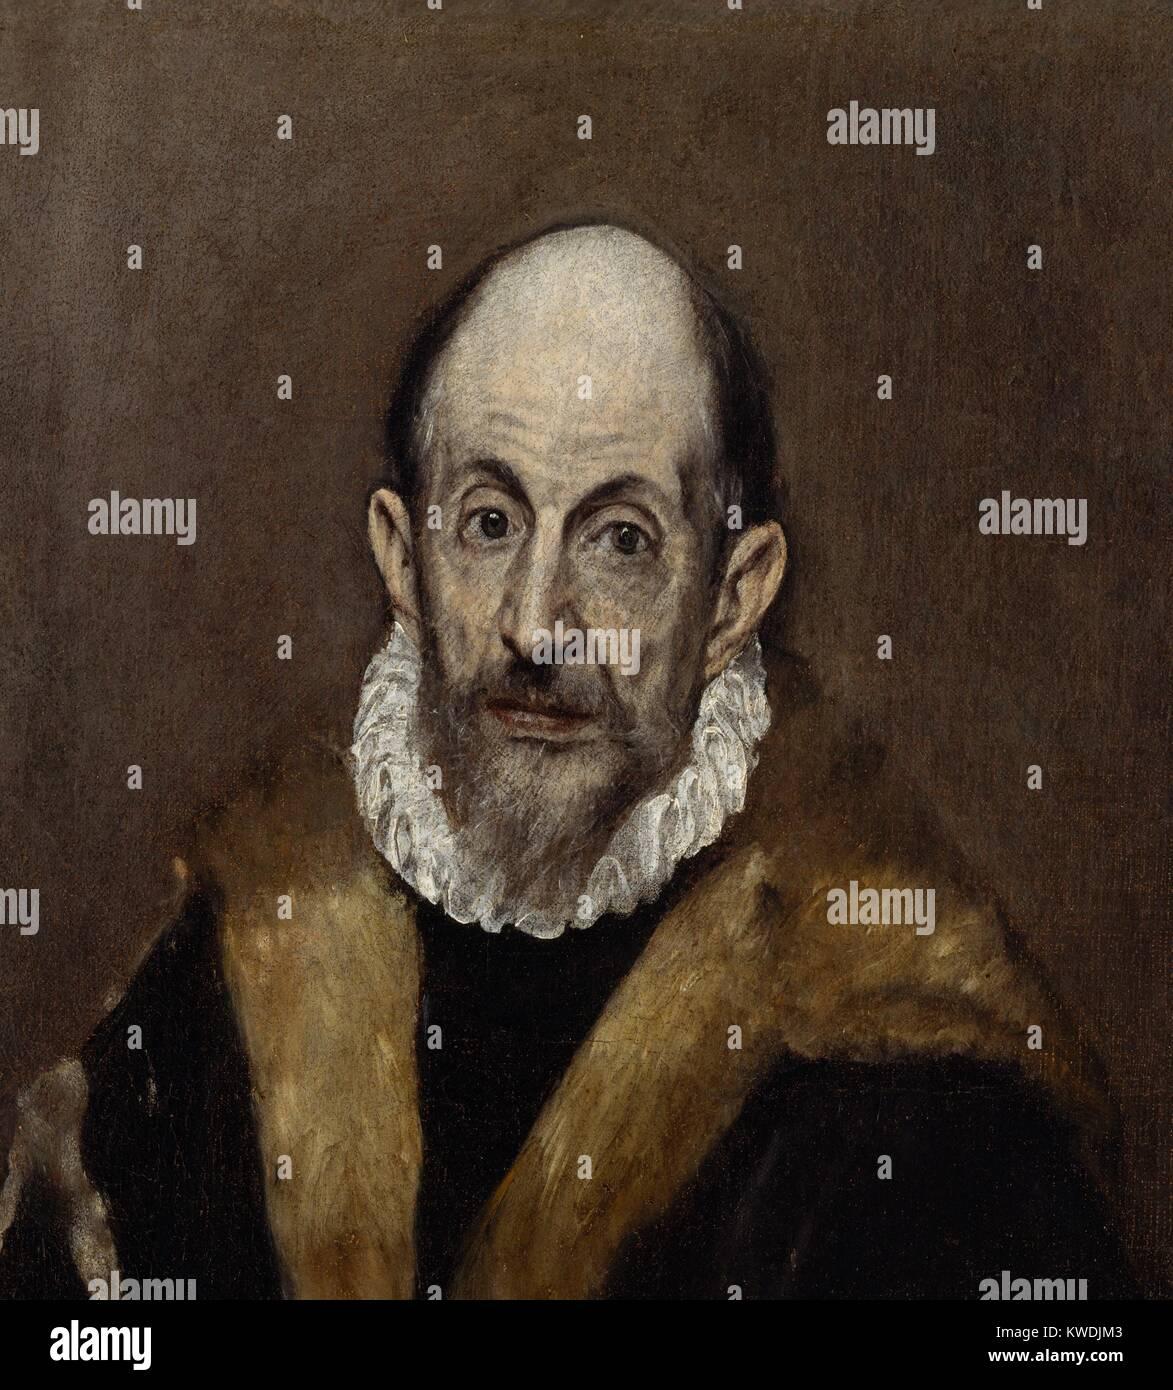 Porträt eines alten Mannes, von El Greco, 1595-1600, Spanisch Renaissance Malerei, Öl auf Leinwand. El Stockbild